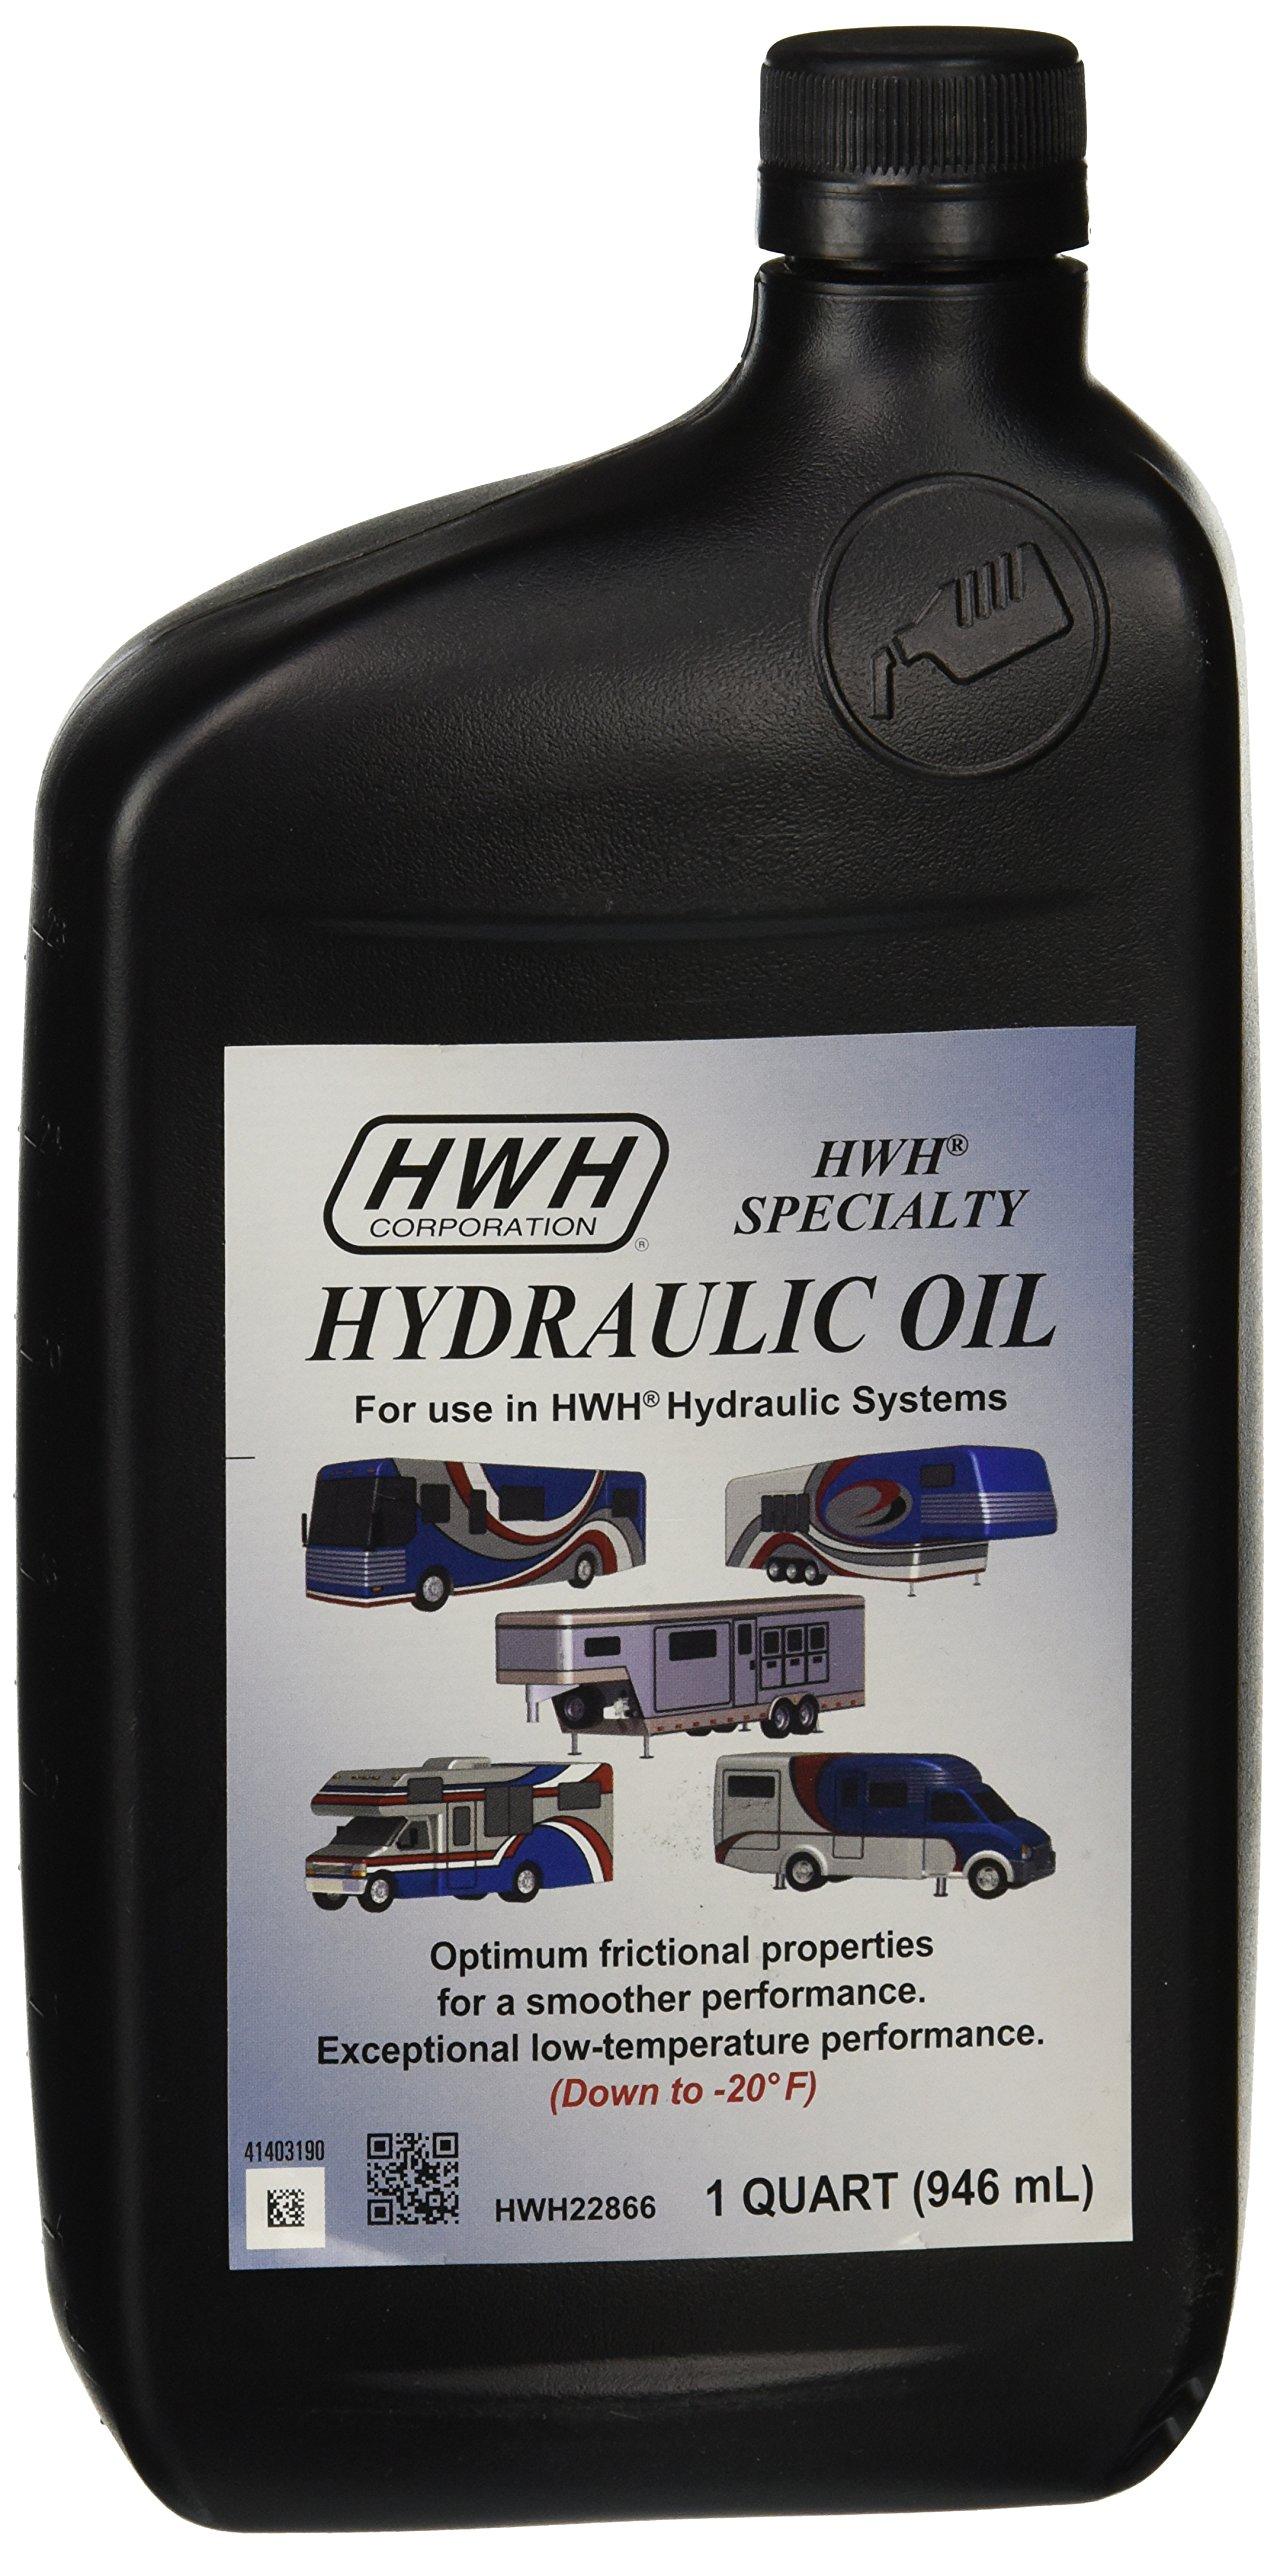 HWH Corporation HWH22866 Hydraulic Oil